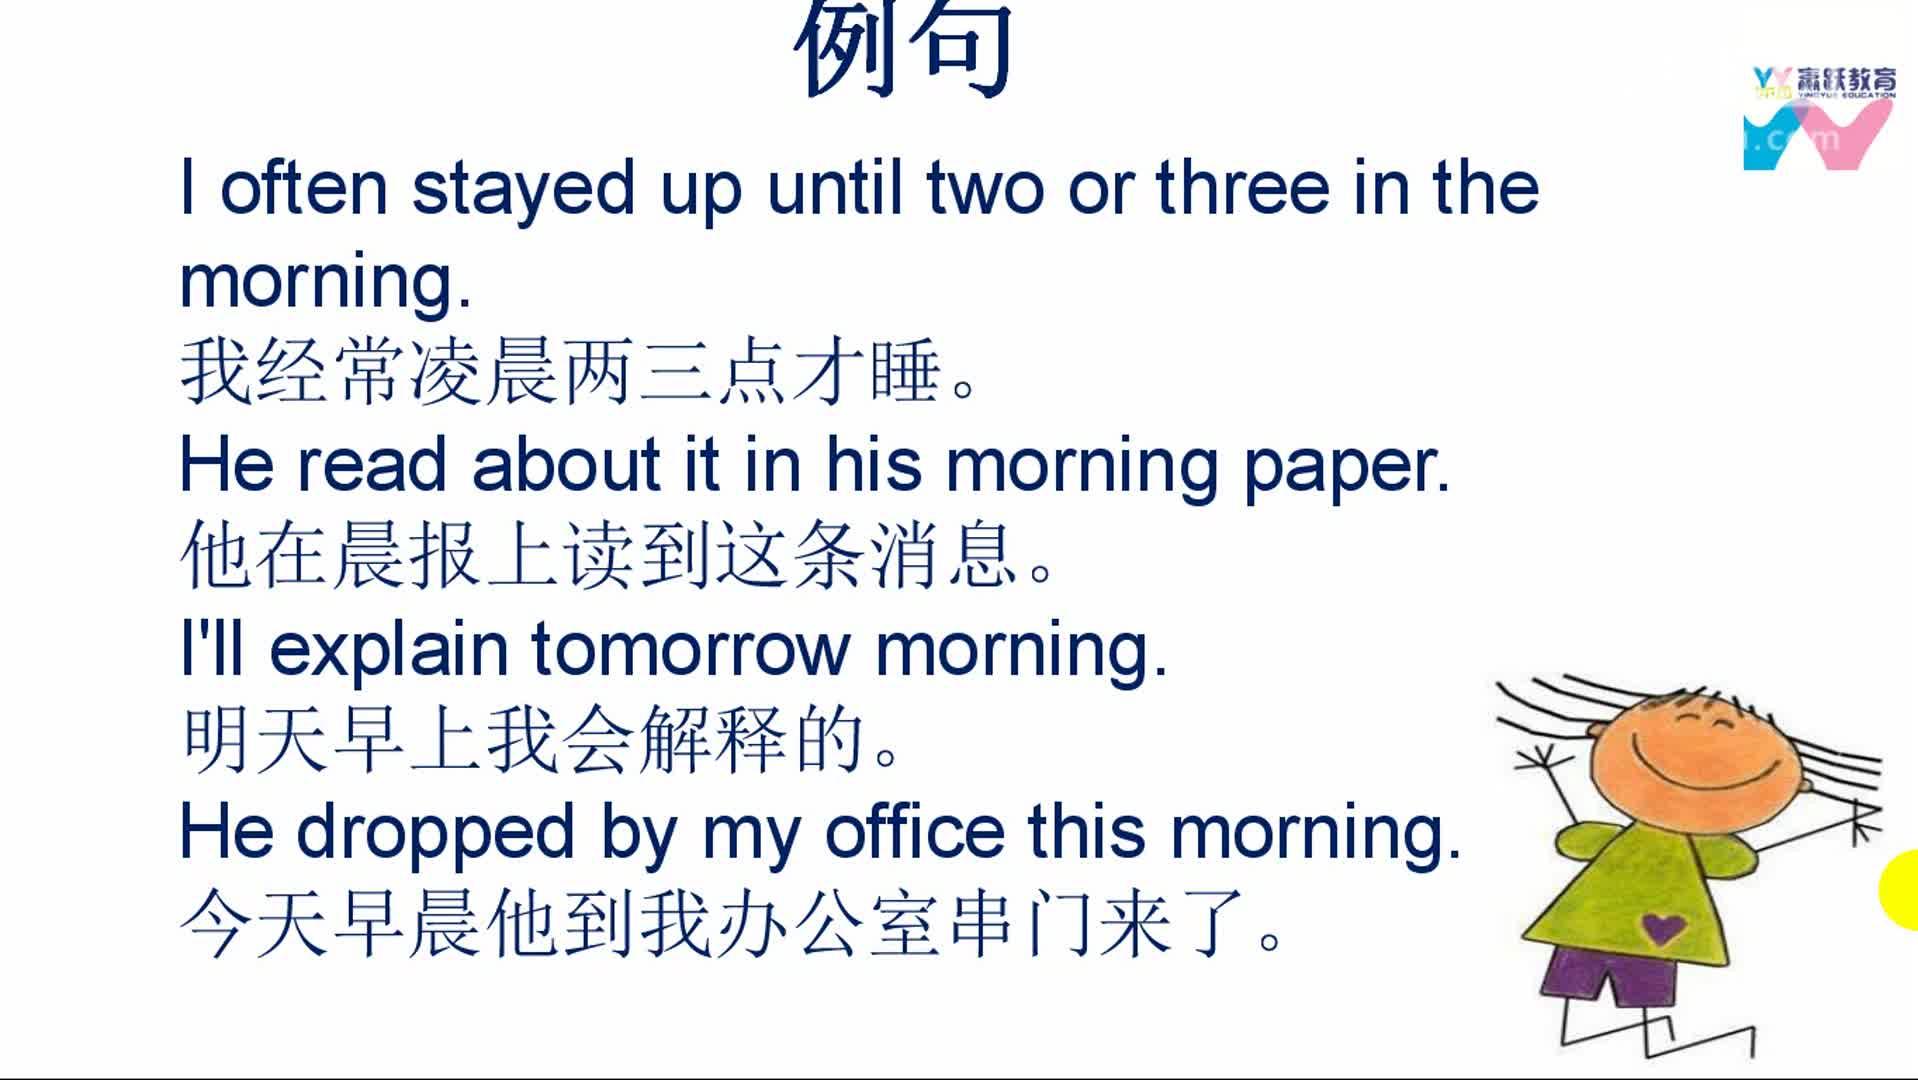 中考英语核心词汇470(1)morning 及相关词汇的用法